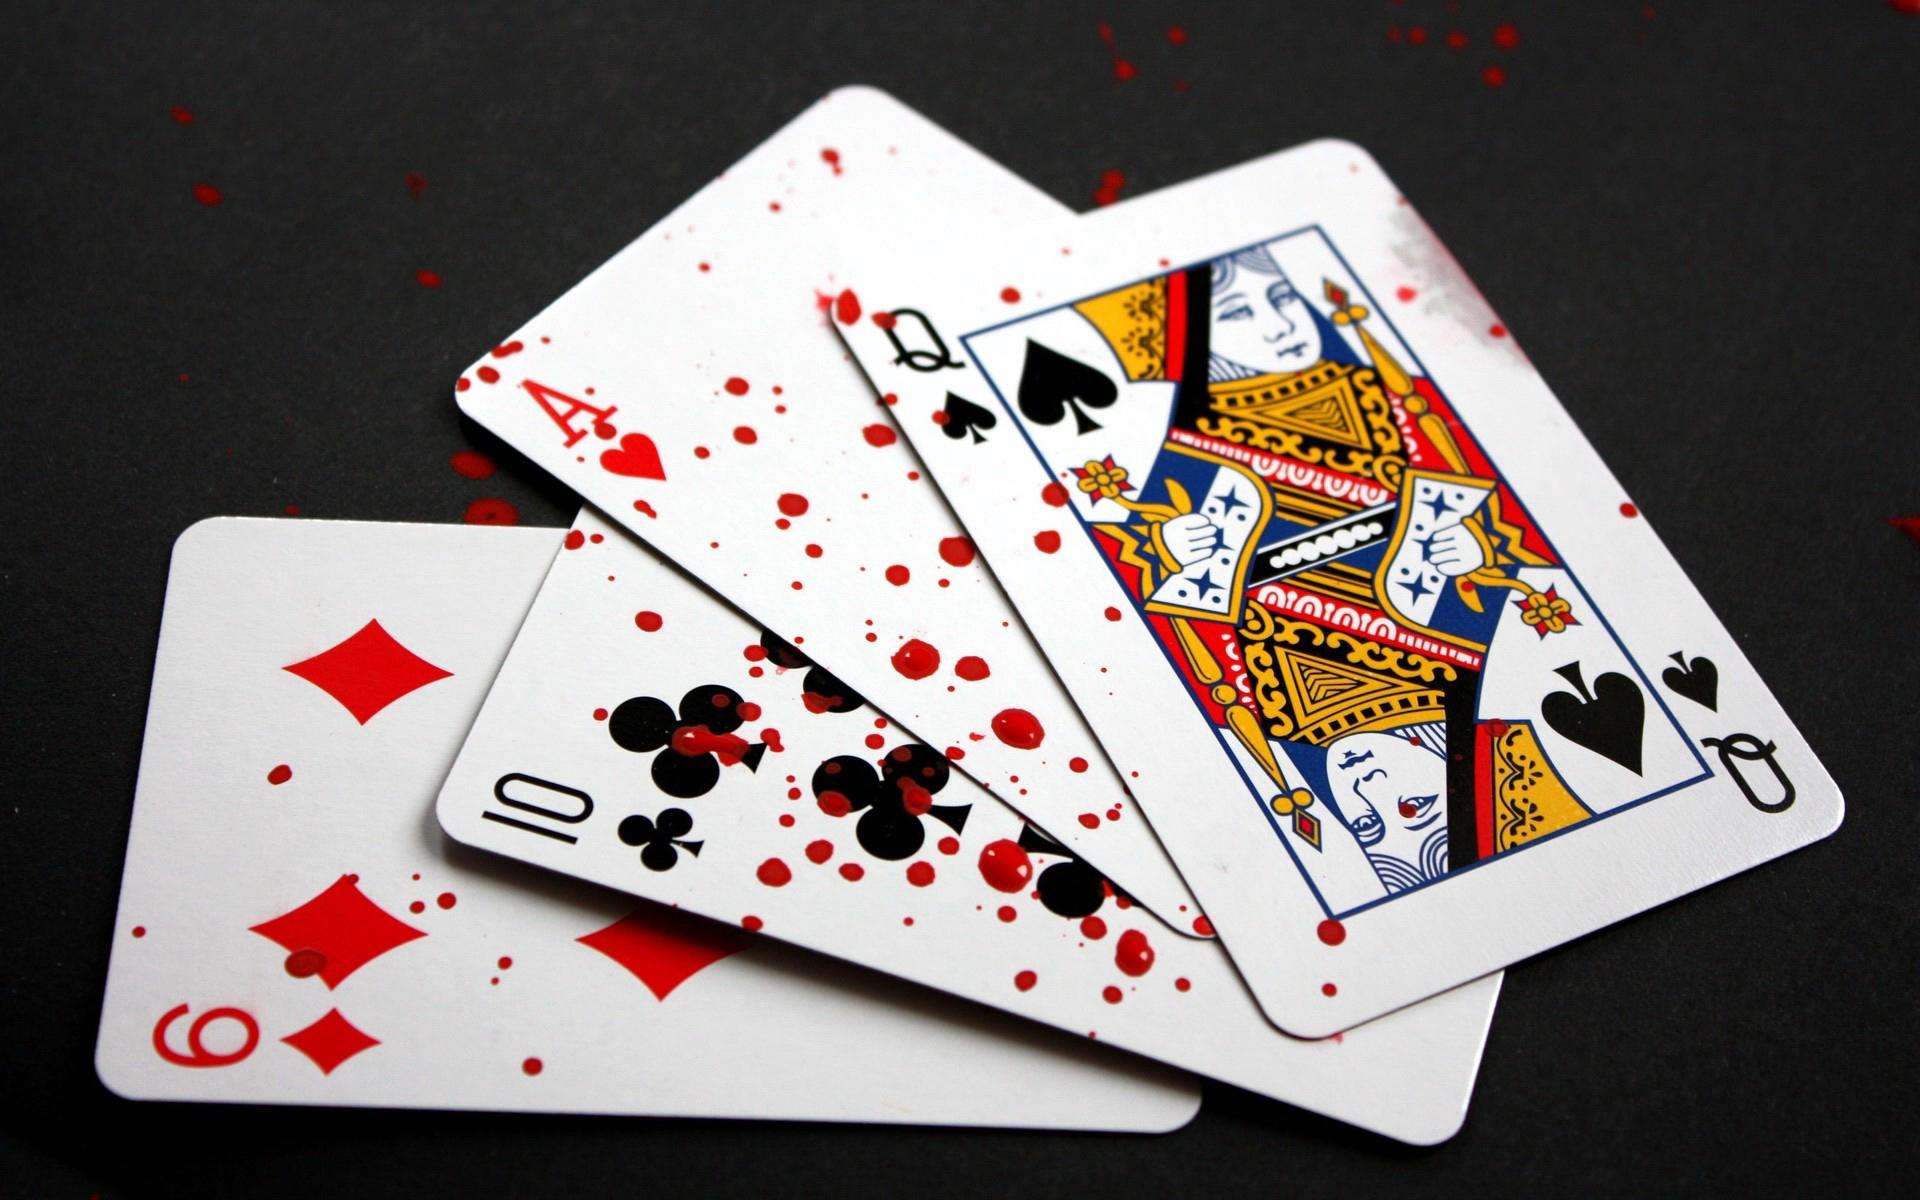 карты, кровь, капли